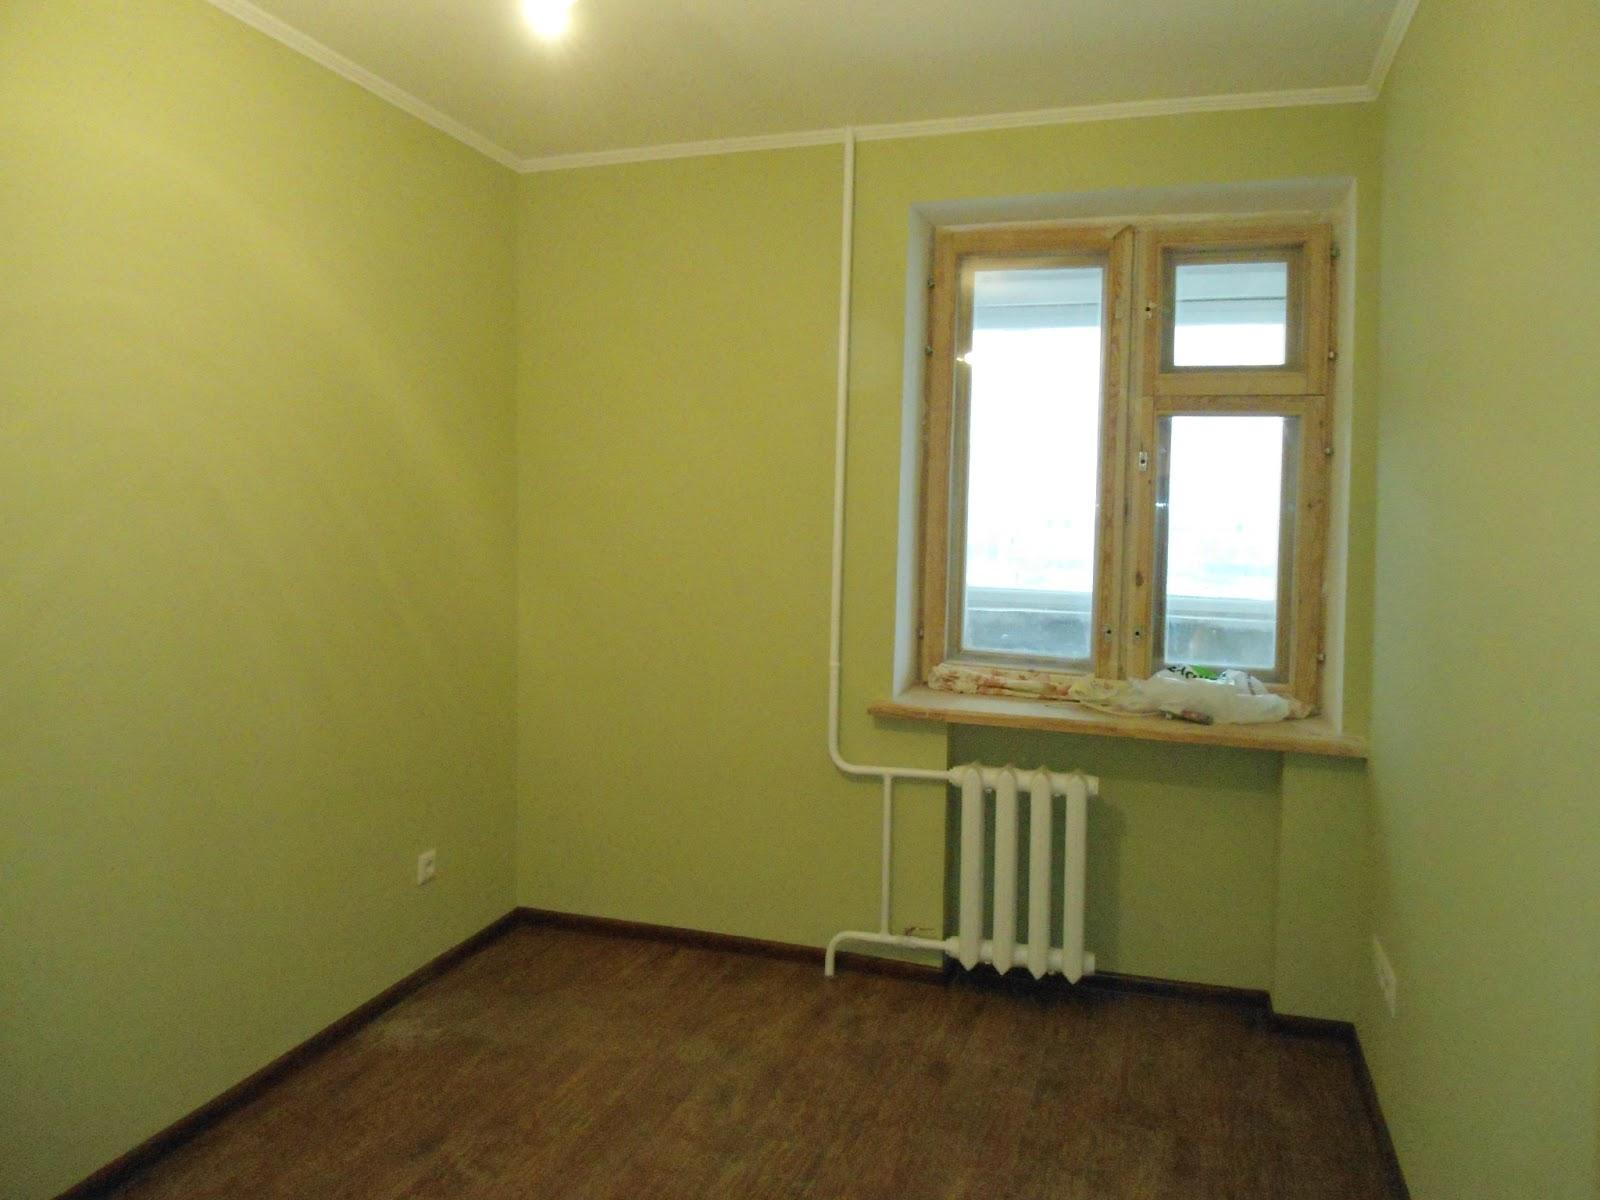 Как сделать ремонт в комнате под покраску